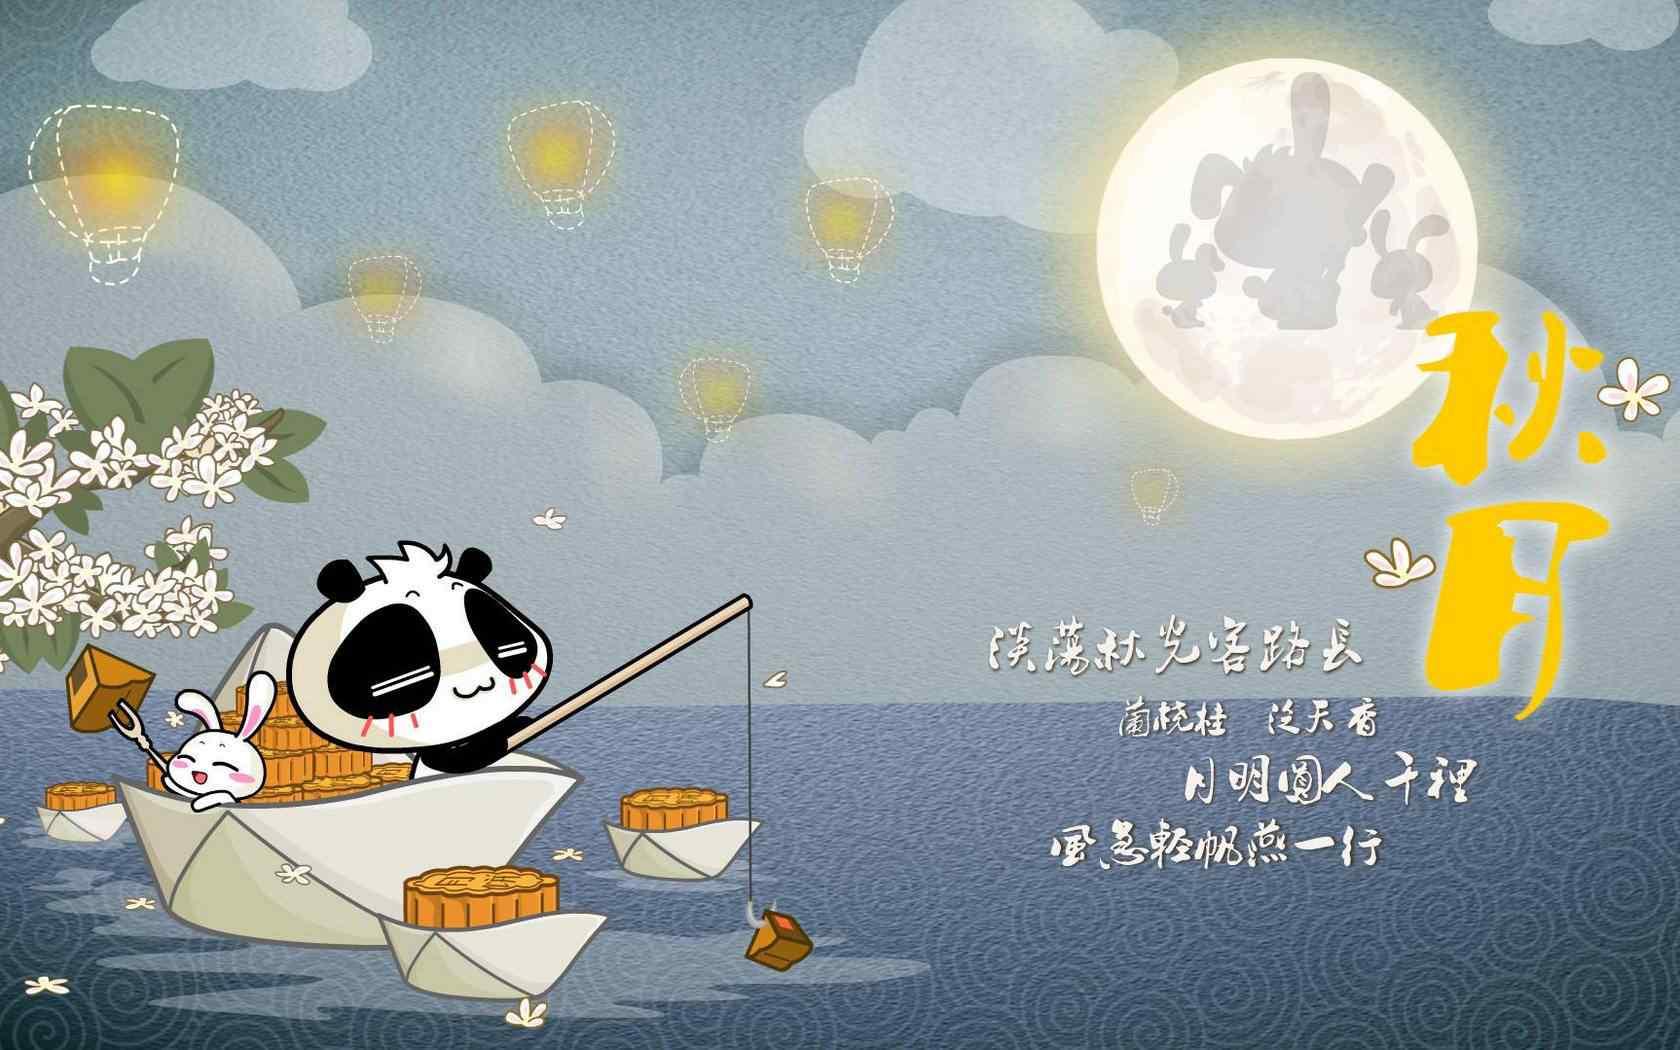 中秋节卡通边框图片大全